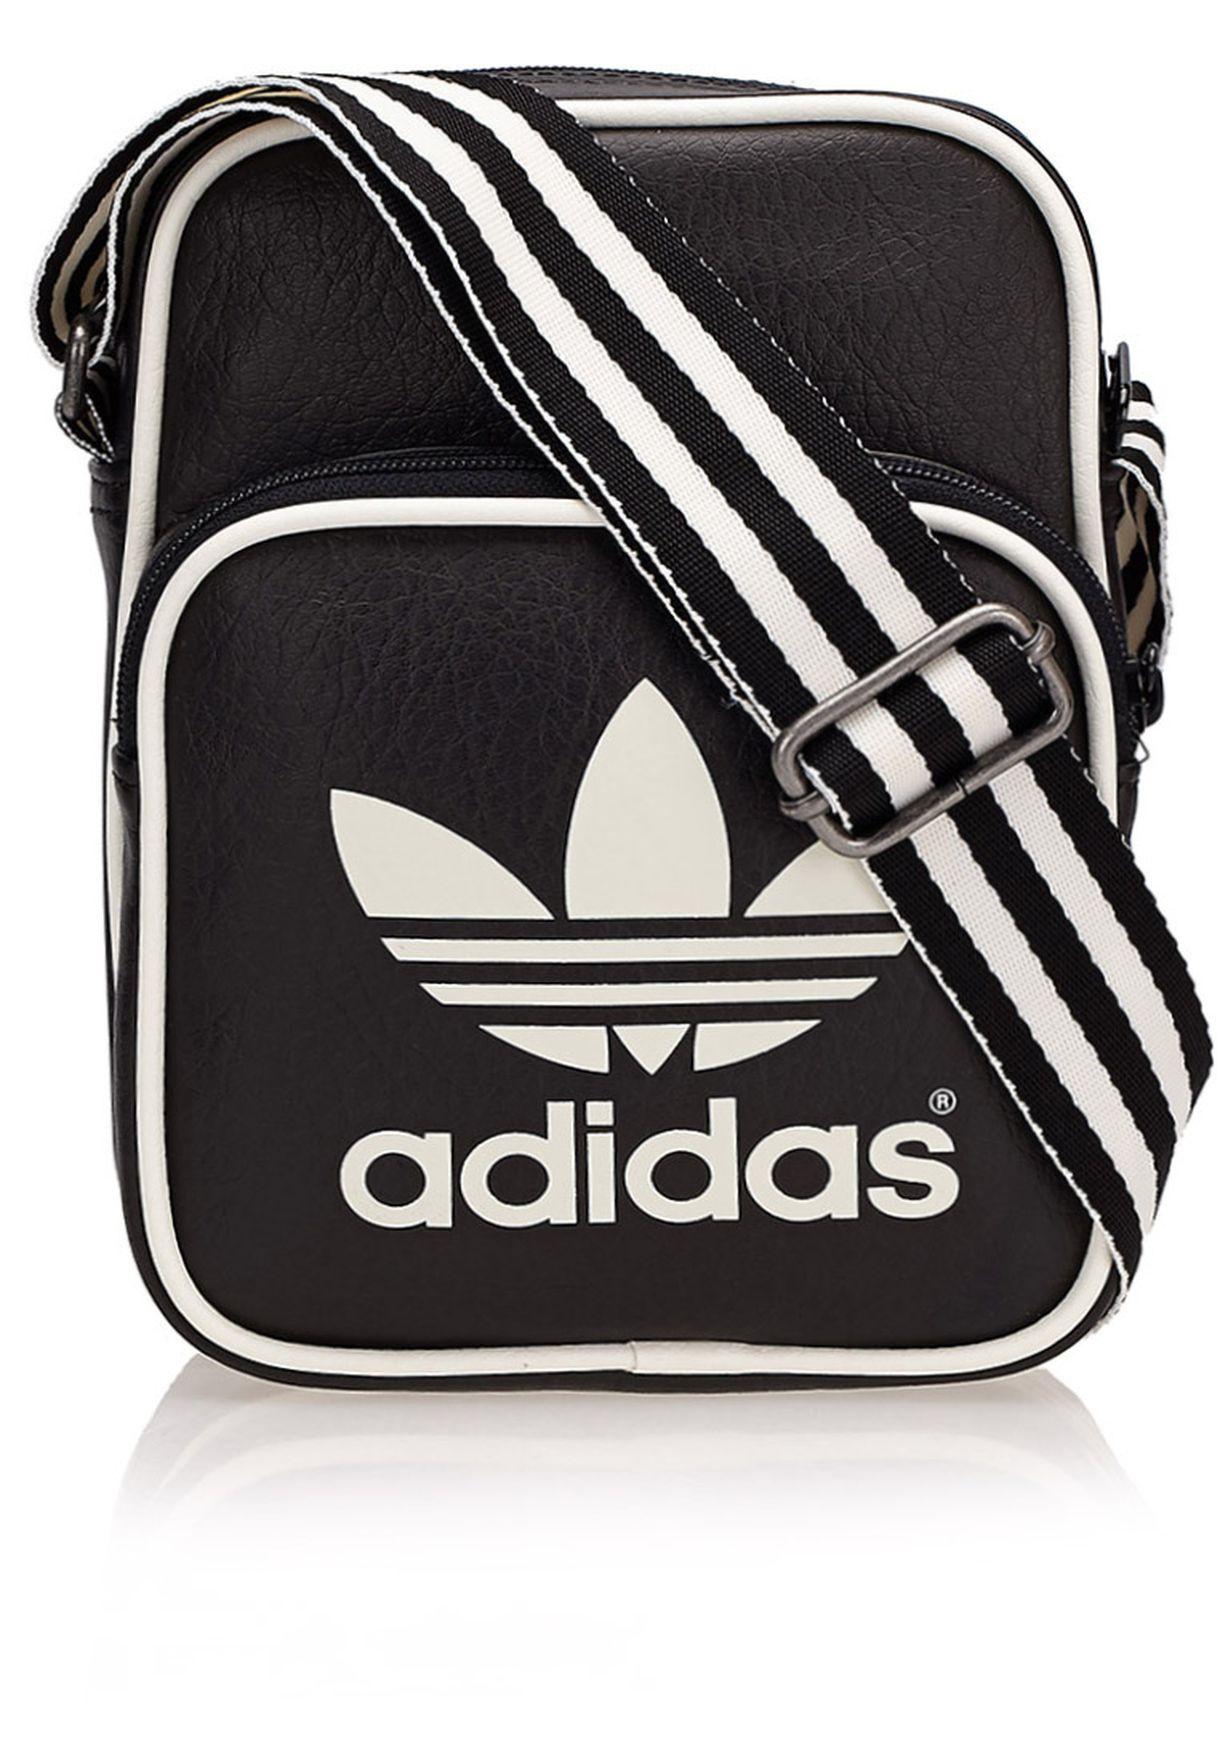 4dc0ec749d Shop adidas Originals black Mini Classic Messenger M30537 for Men in Qatar  - AD478AC33MZA